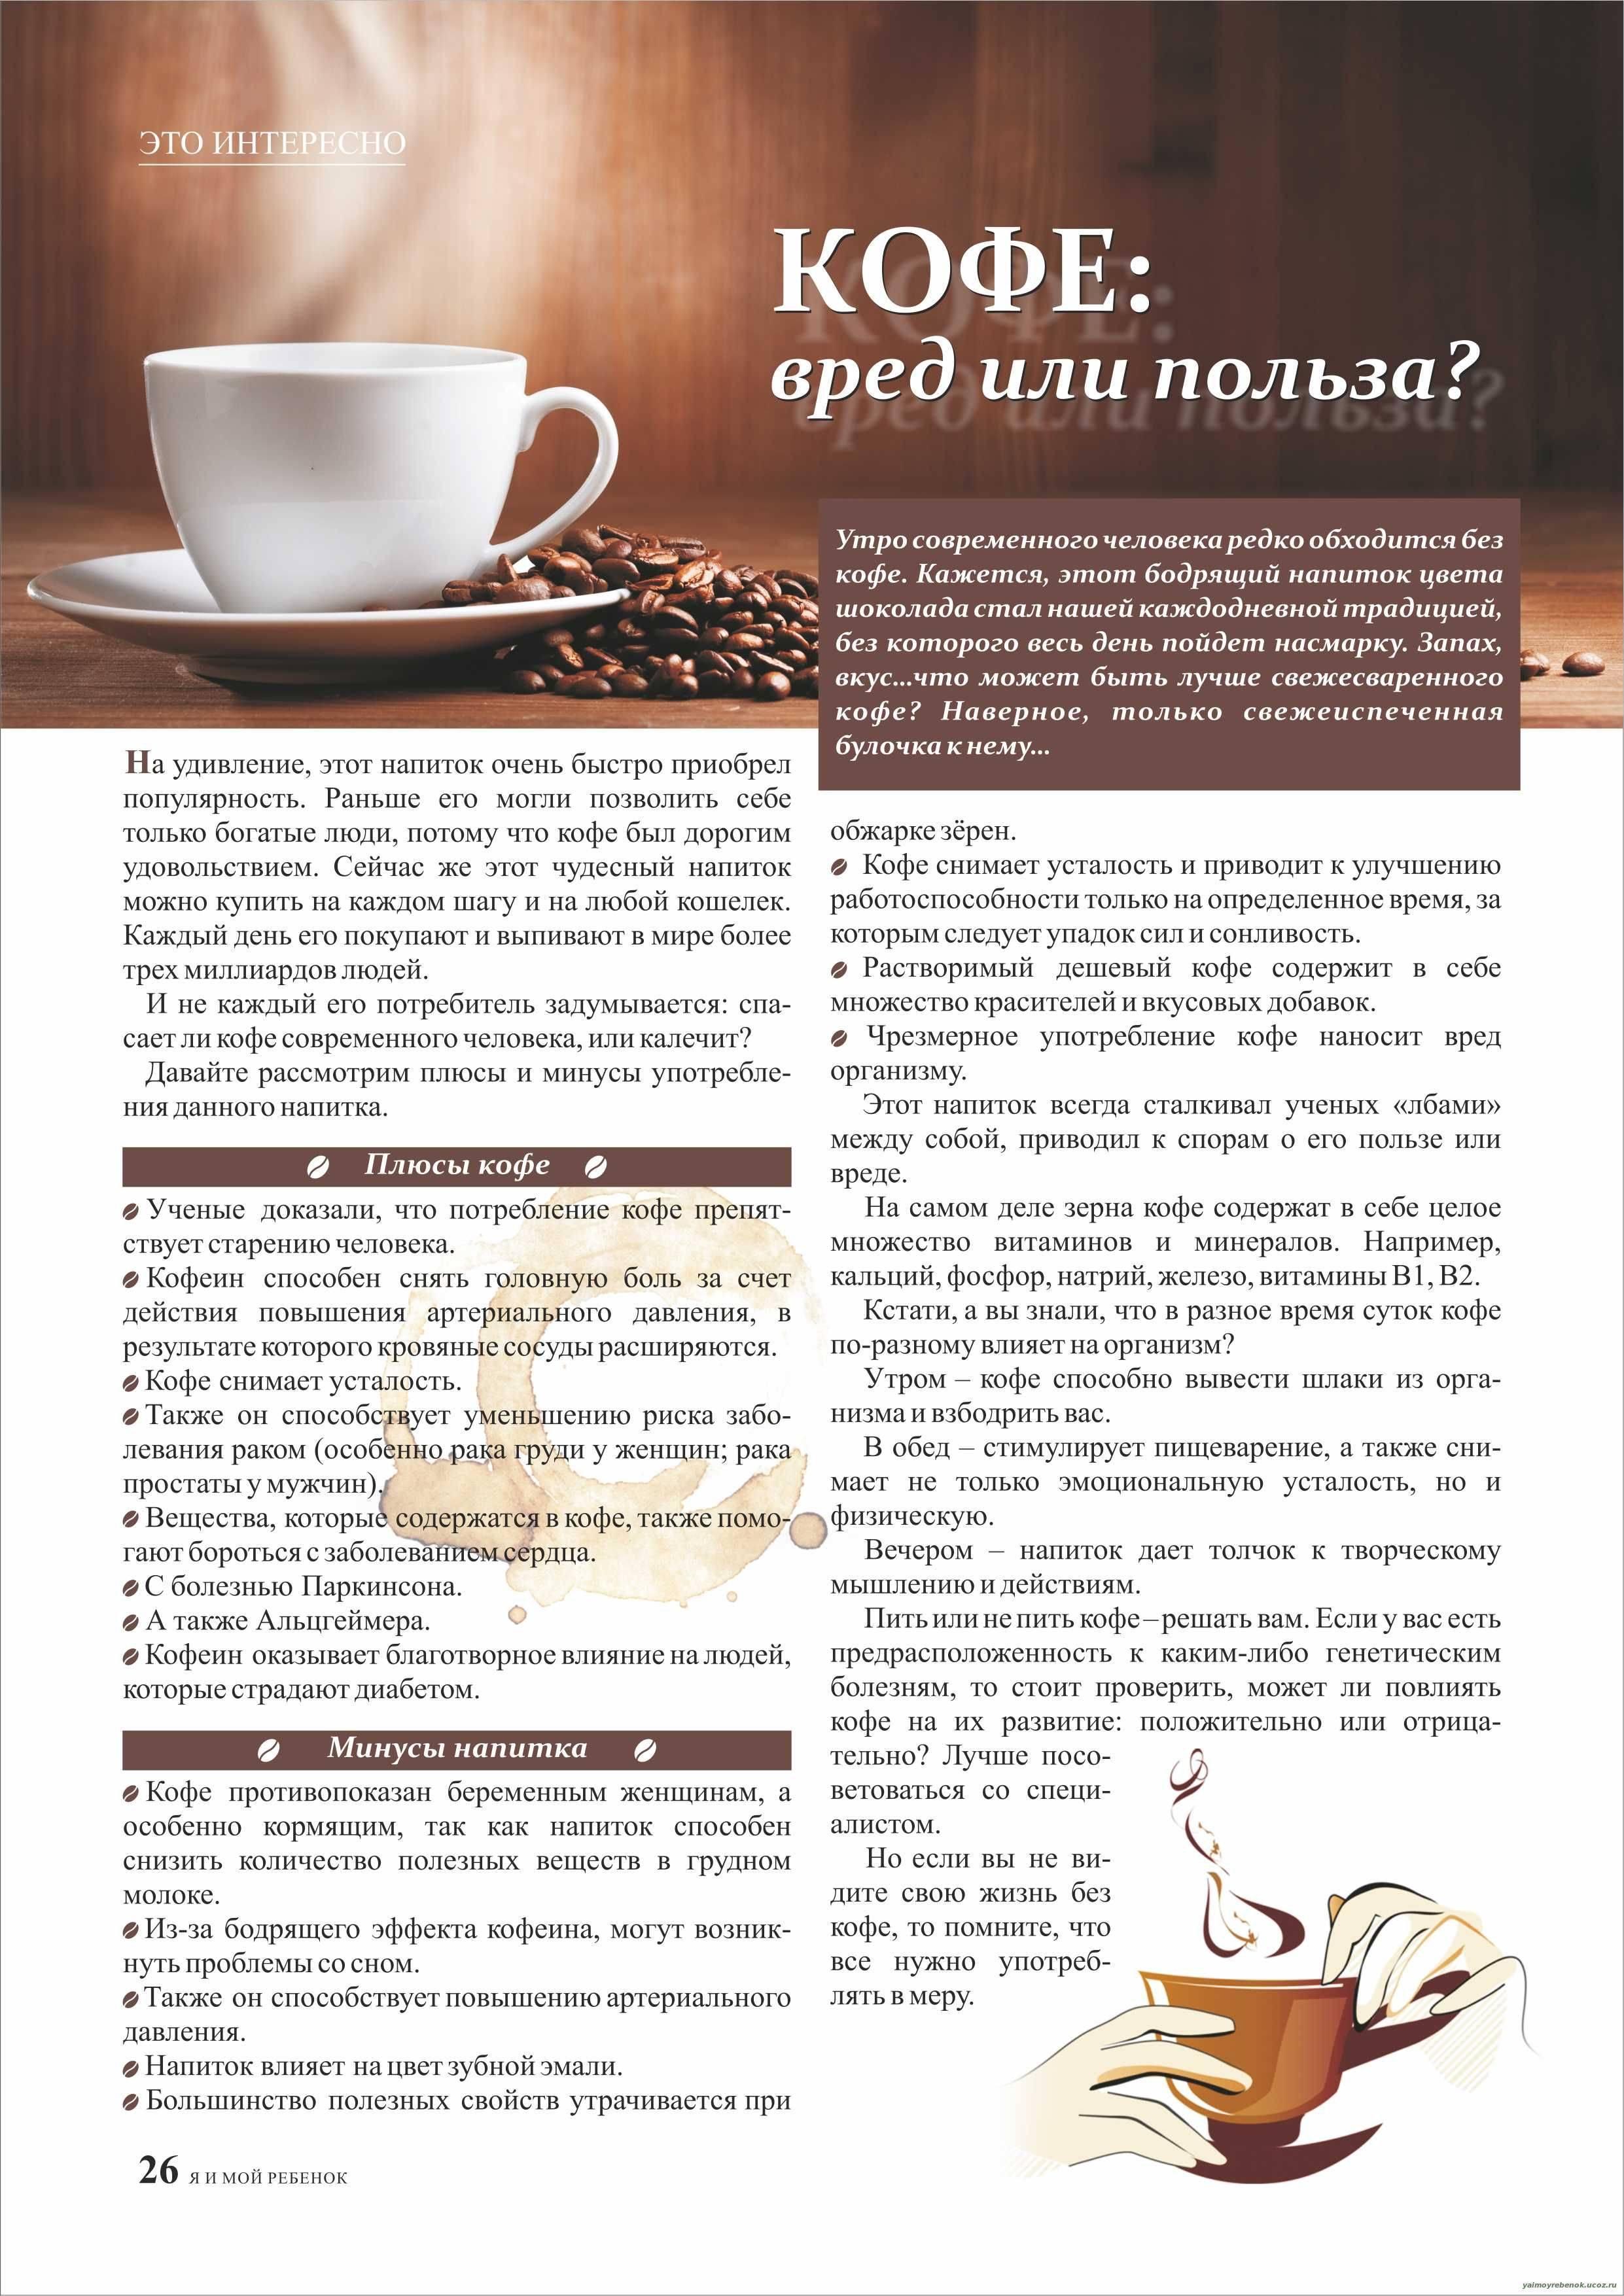 Как кофе влияет на потенцию - полезные свойства и вред для мужского здоровья